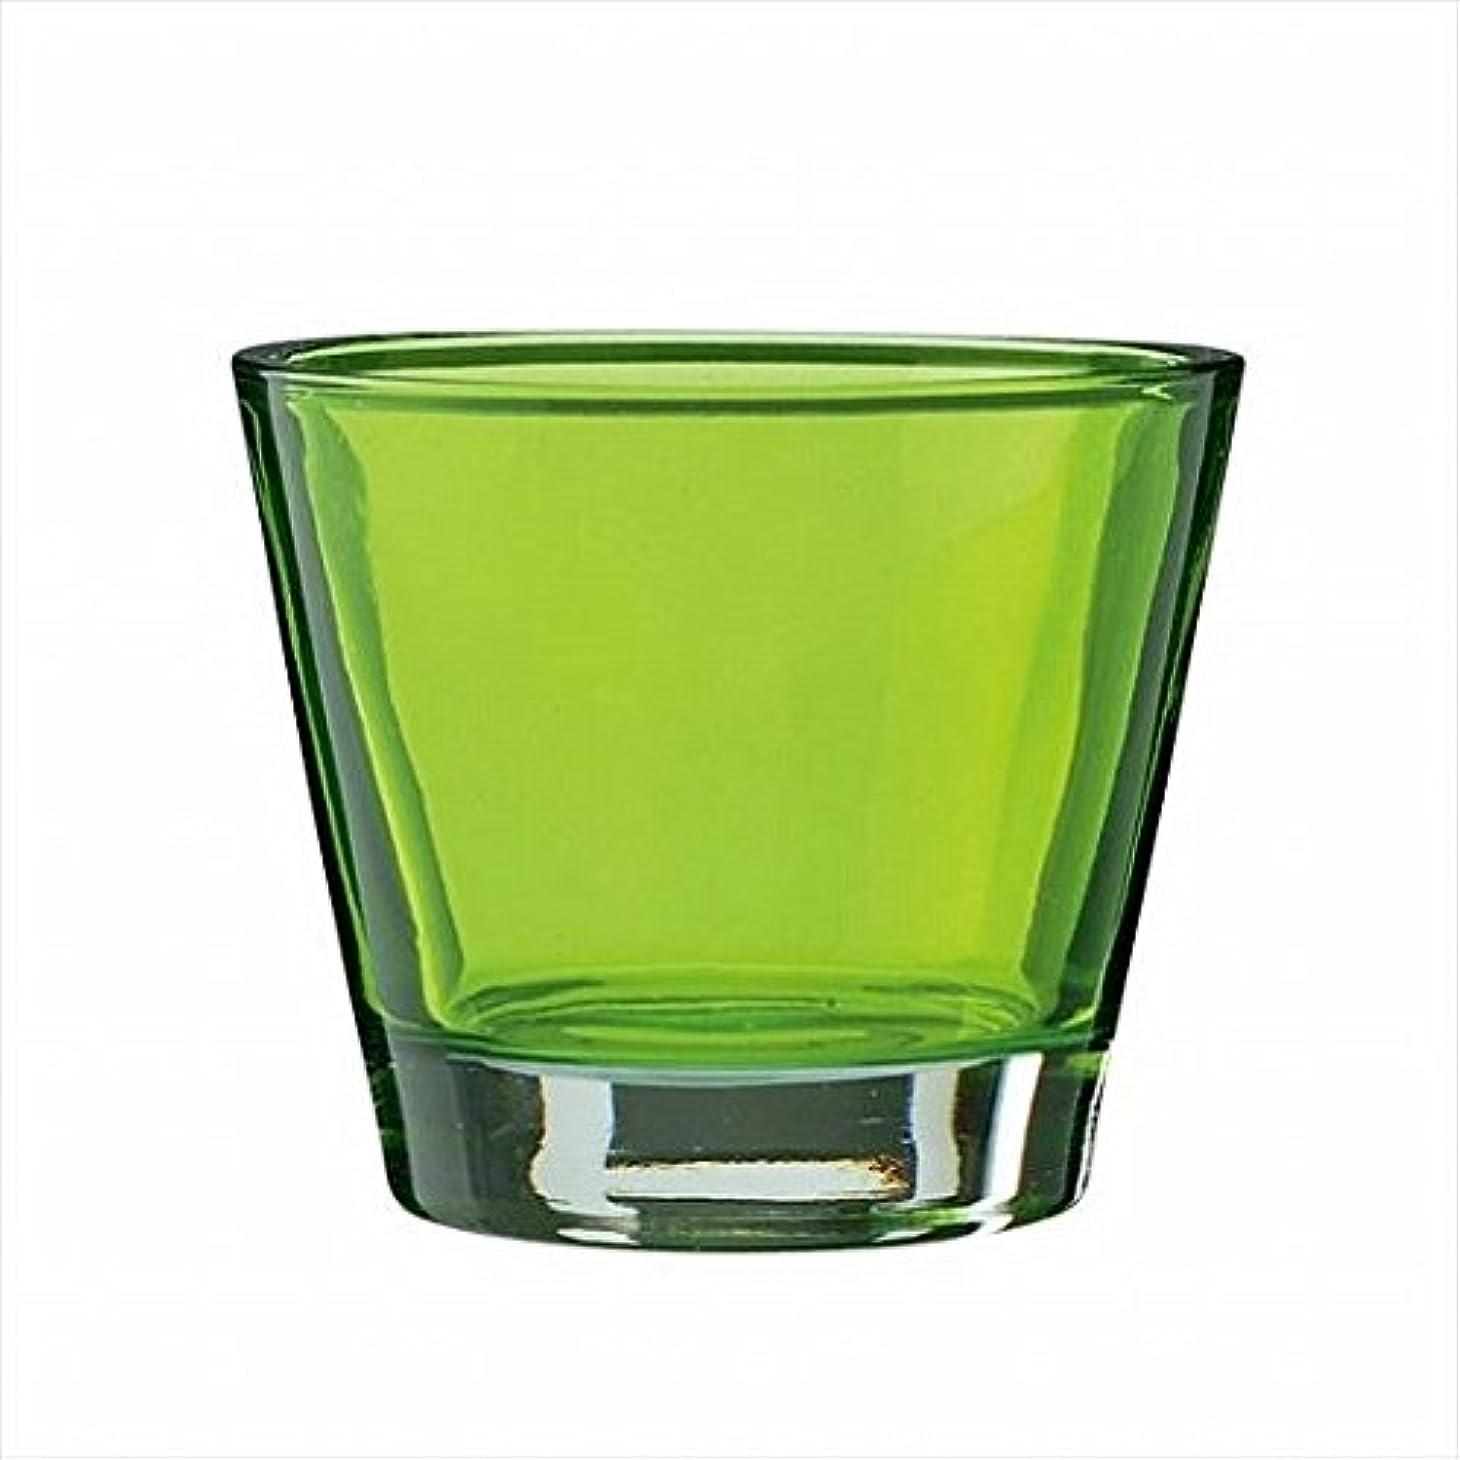 起訴するたとえ受信kameyama candle(カメヤマキャンドル) カラリス 「 グリーン 」 キャンドル 82x82x70mm (J2540000G)